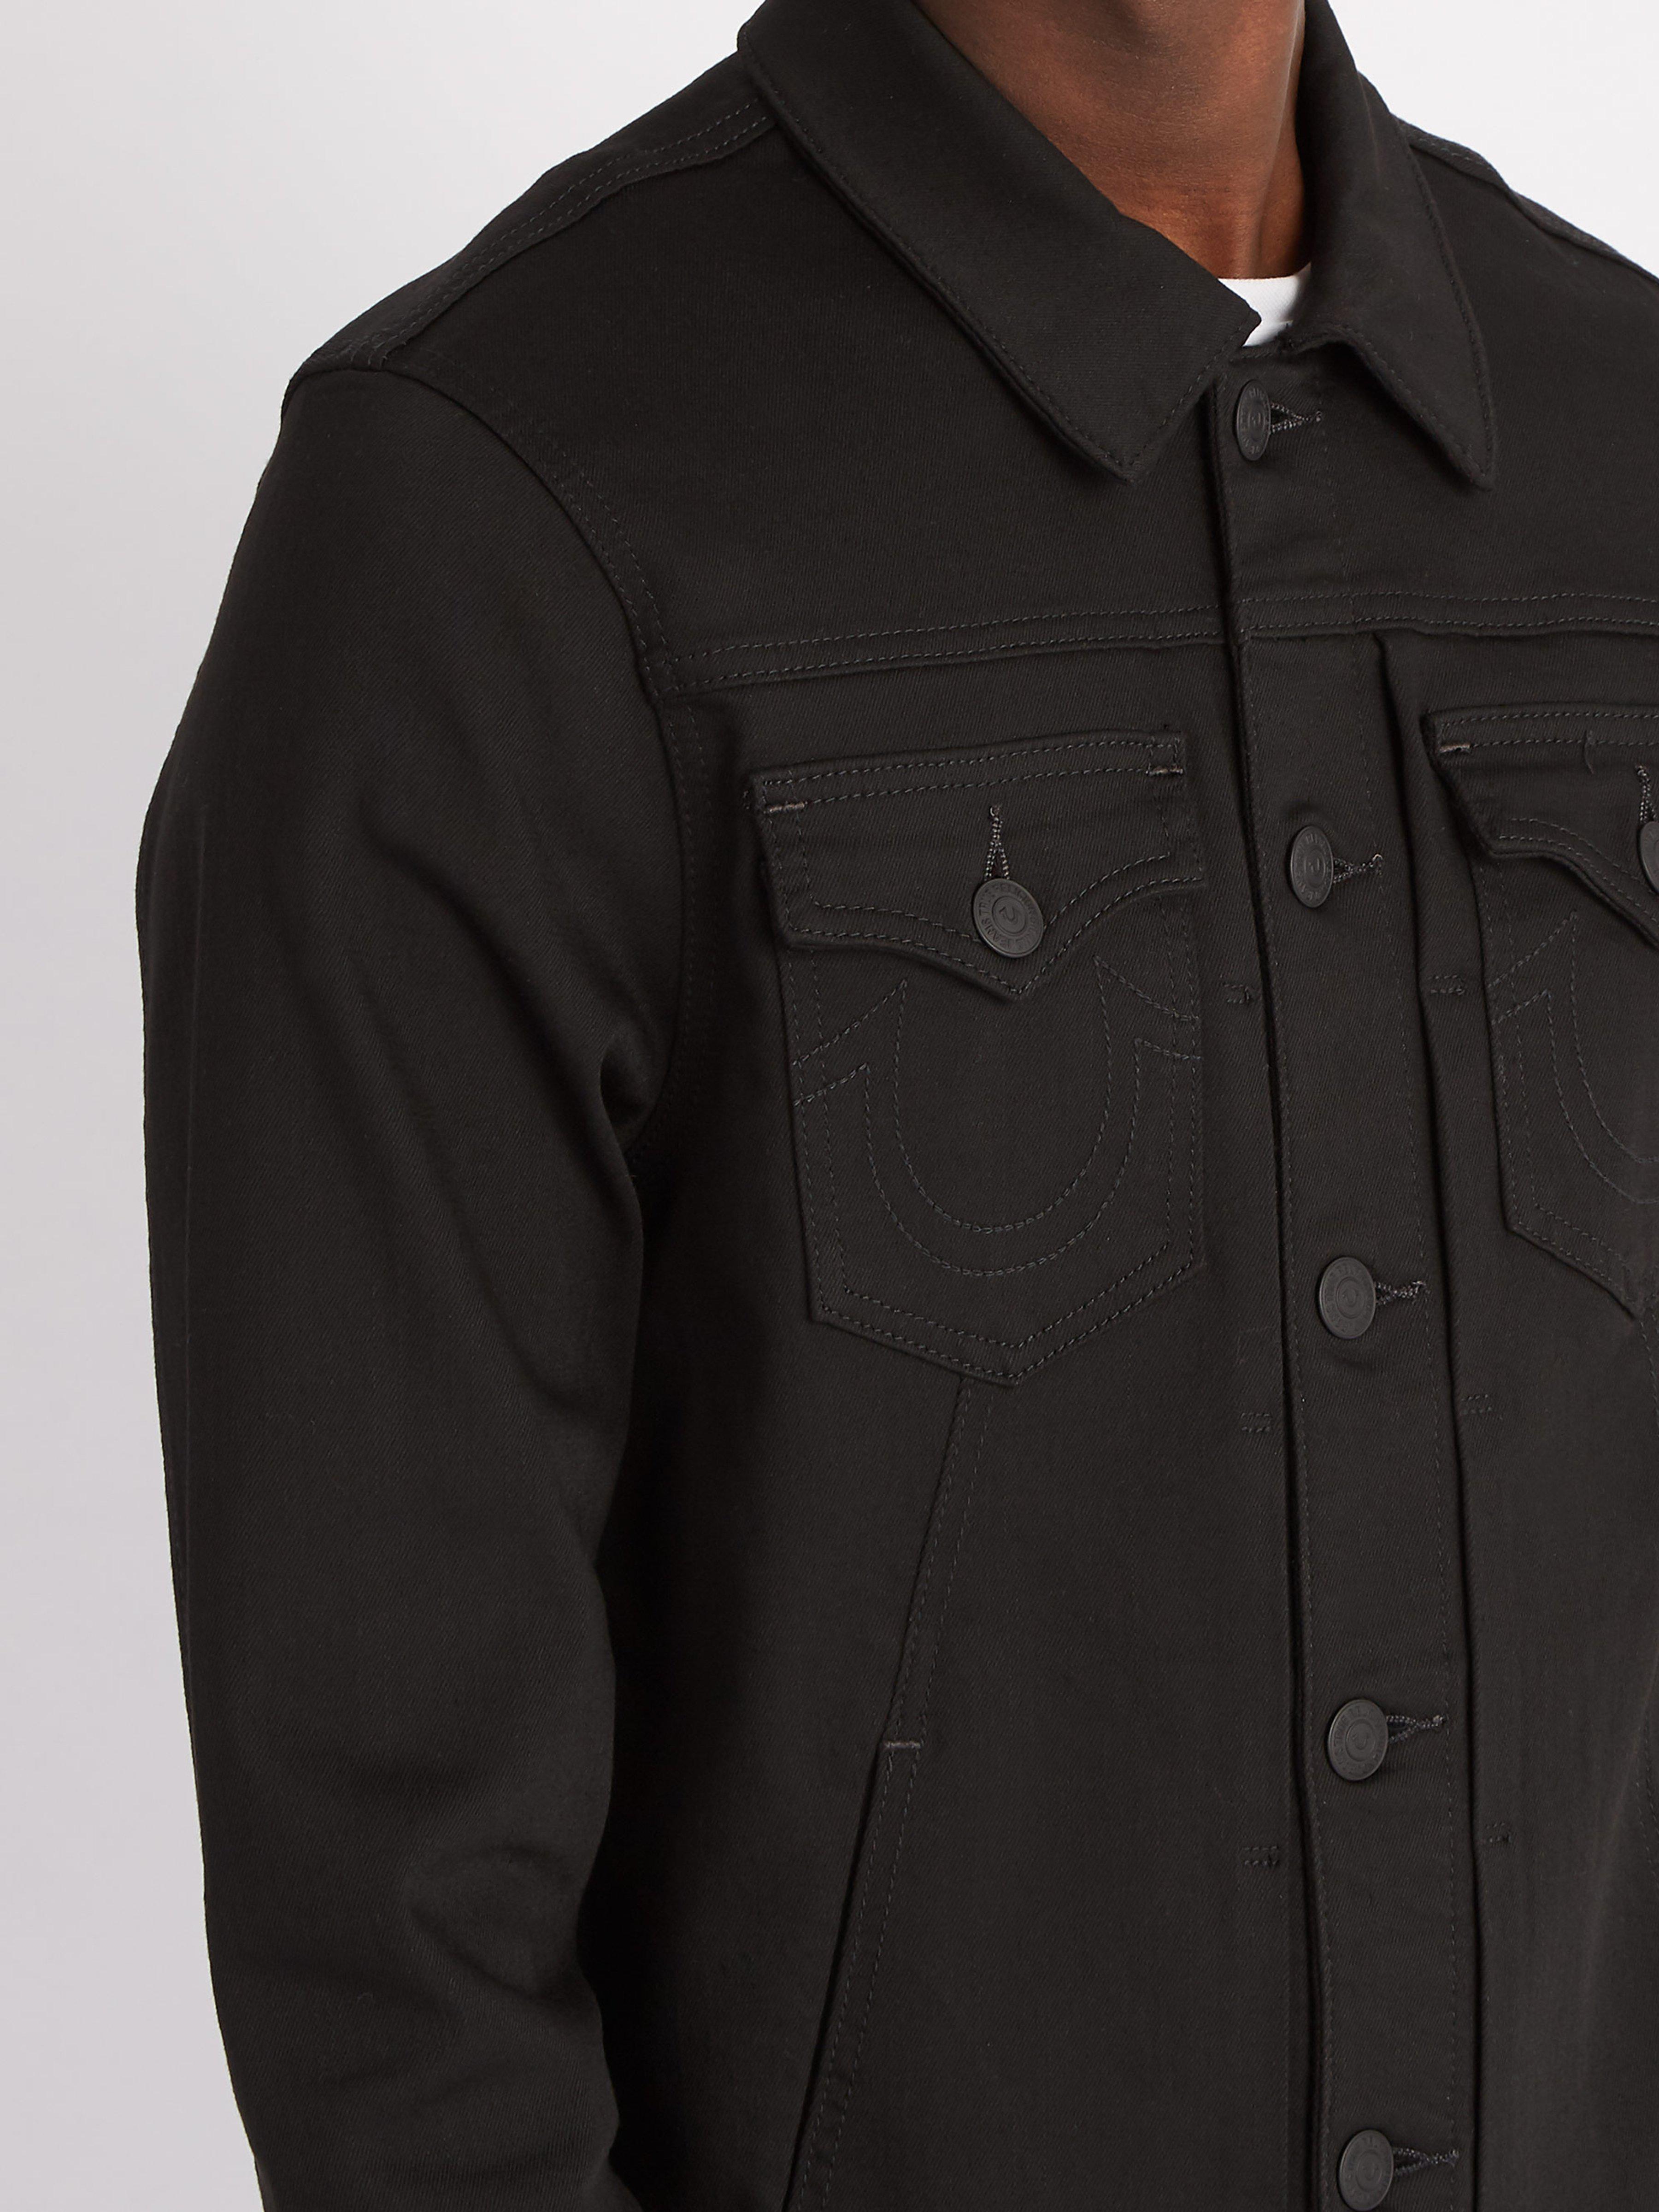 True Religion Dylan Renegade Denim Jacket in Black for Men